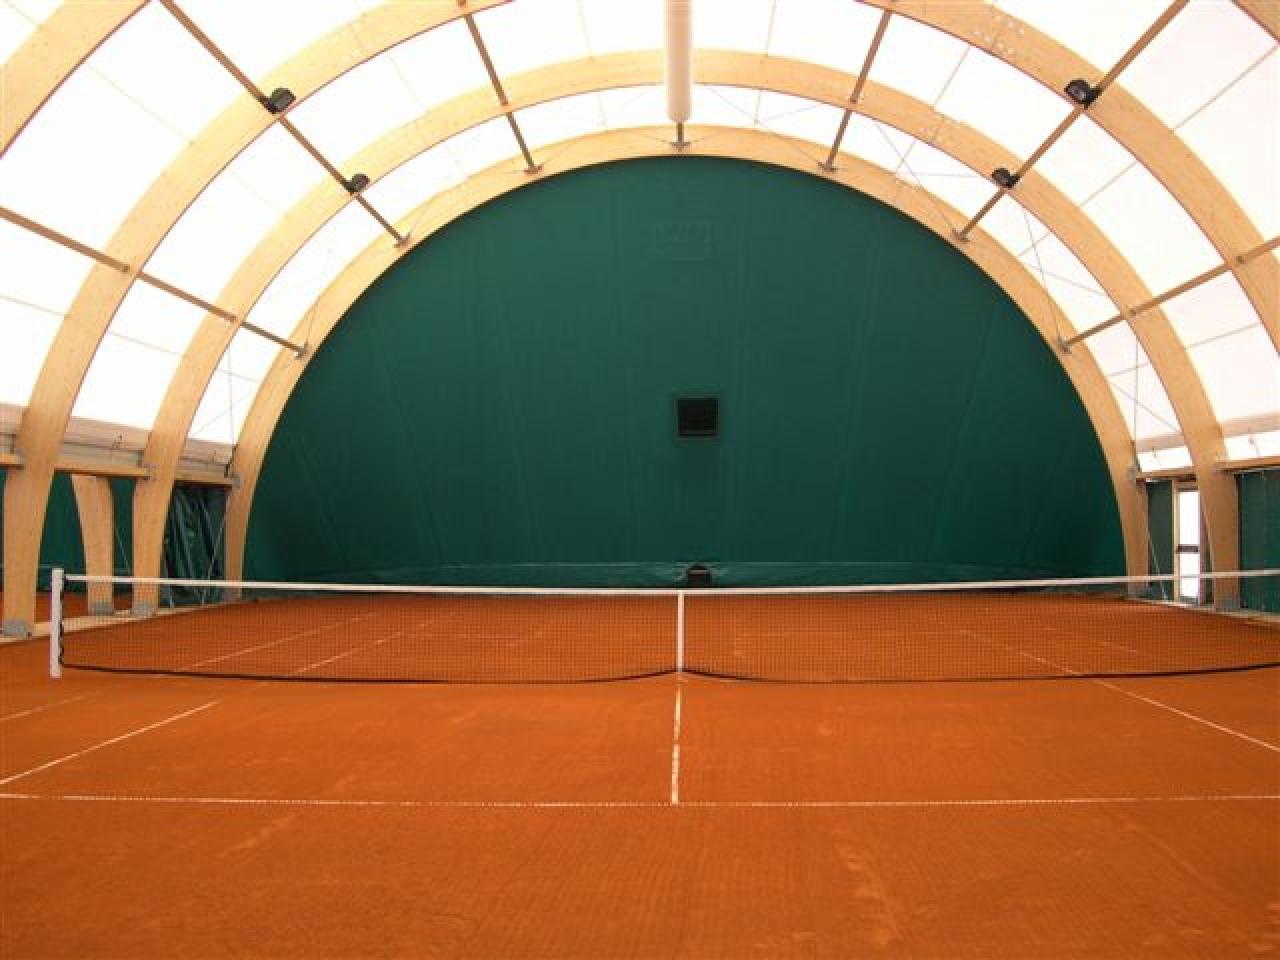 Reti tennis